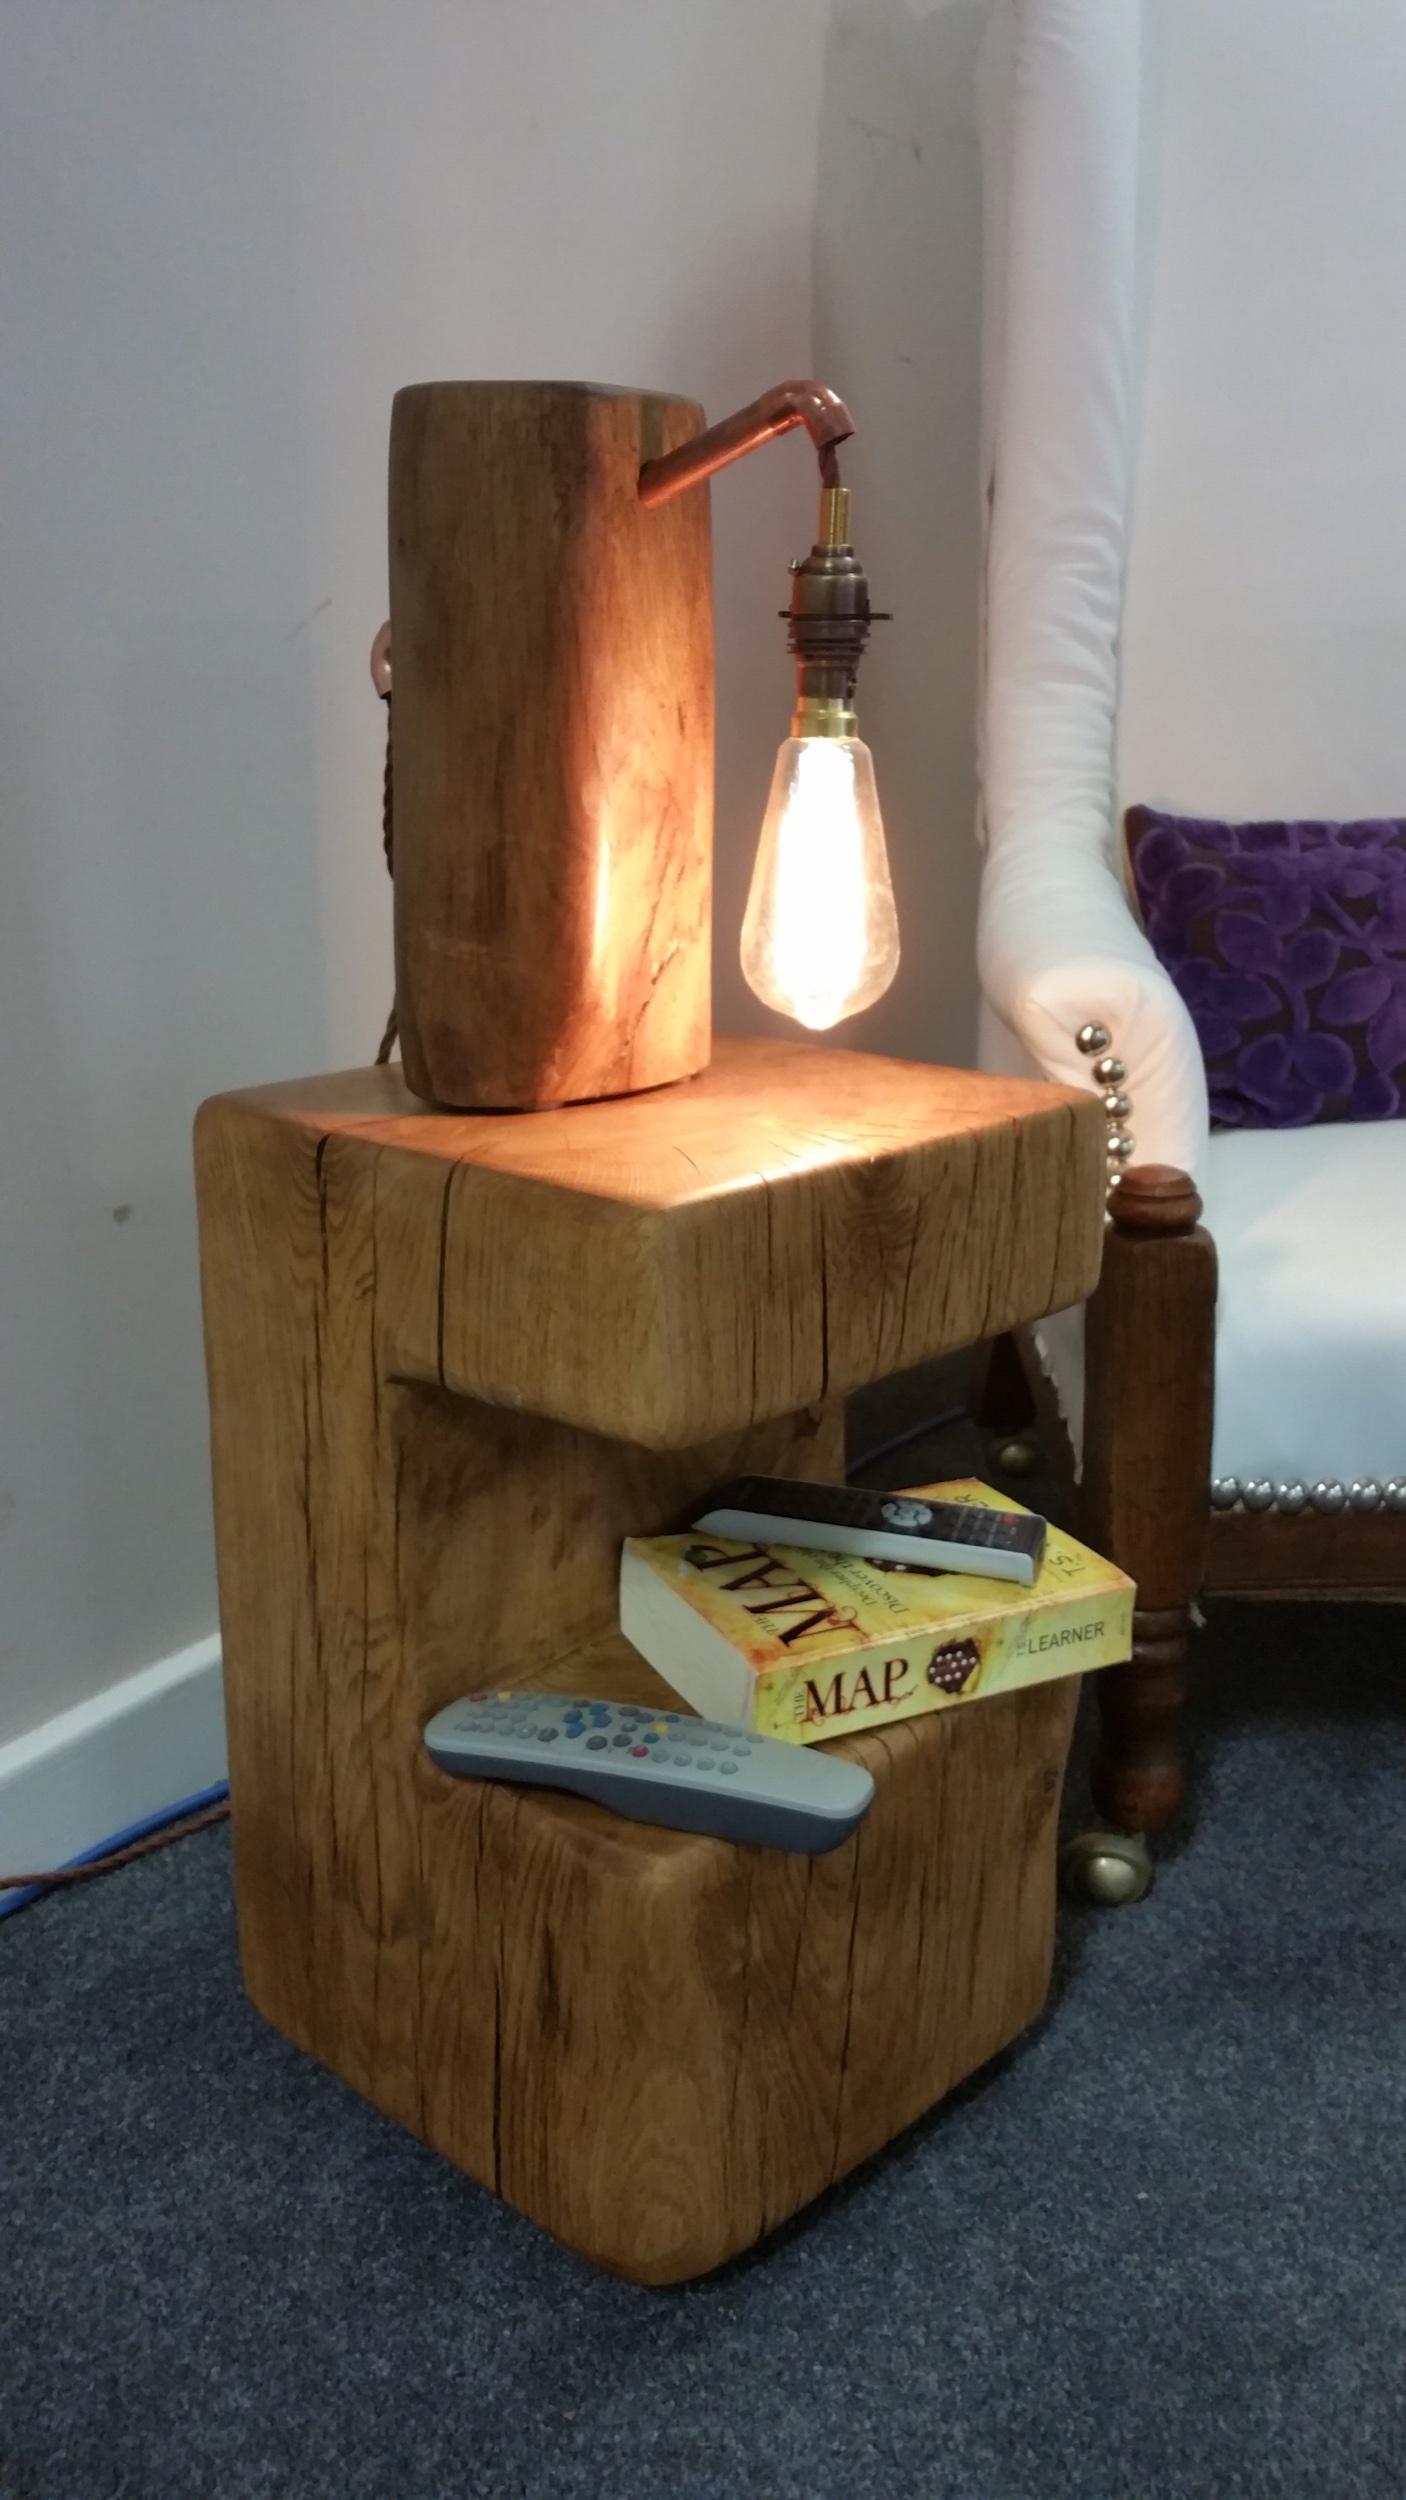 Oak side table with cut away storage shelf